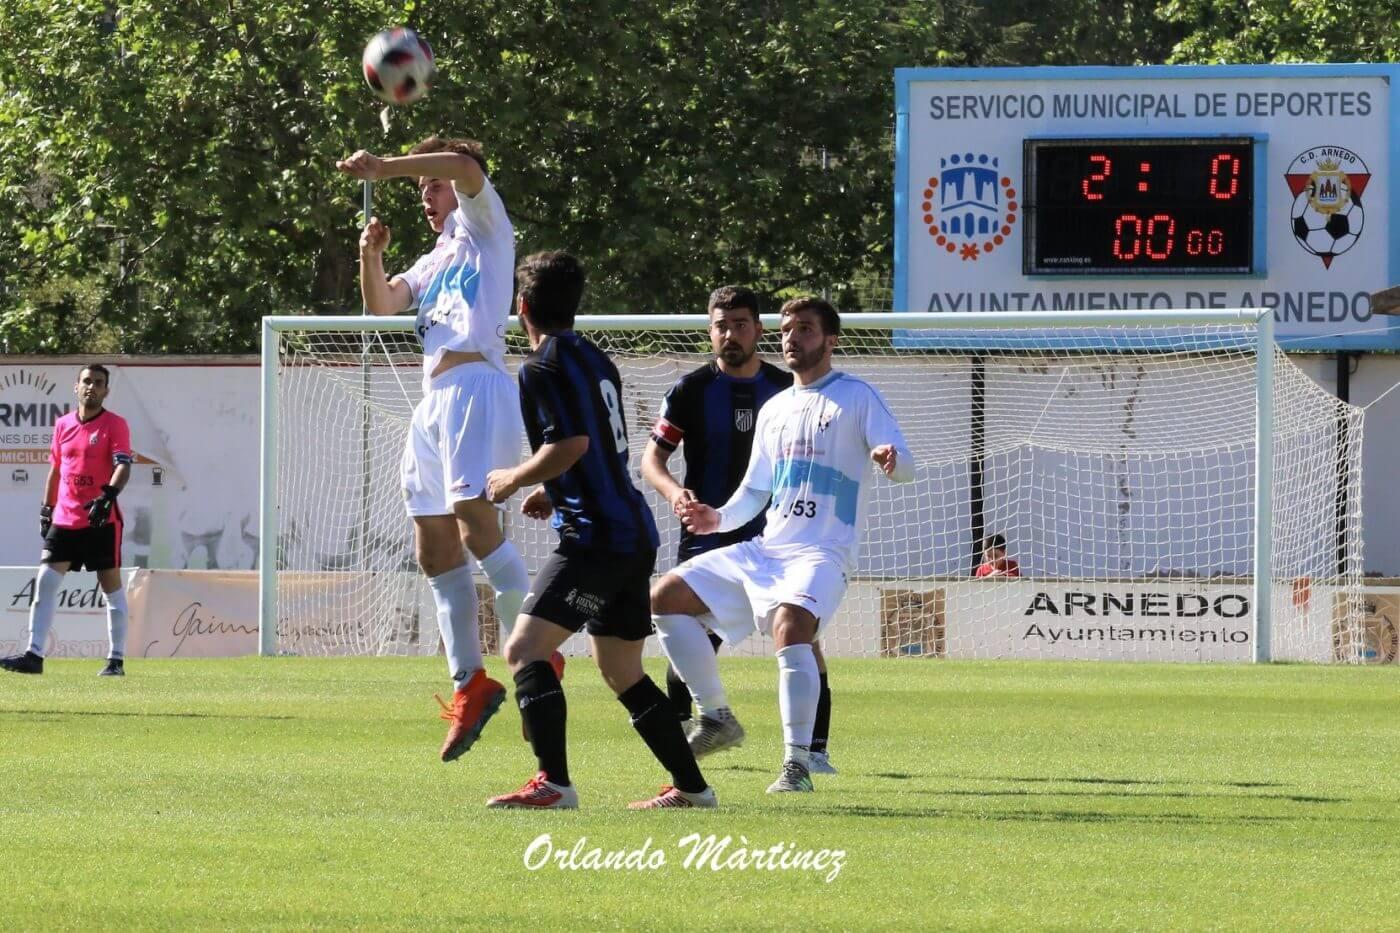 El CD Arnedo jugará el próximo domingo el último partido de liga en casa del líder, el Haro